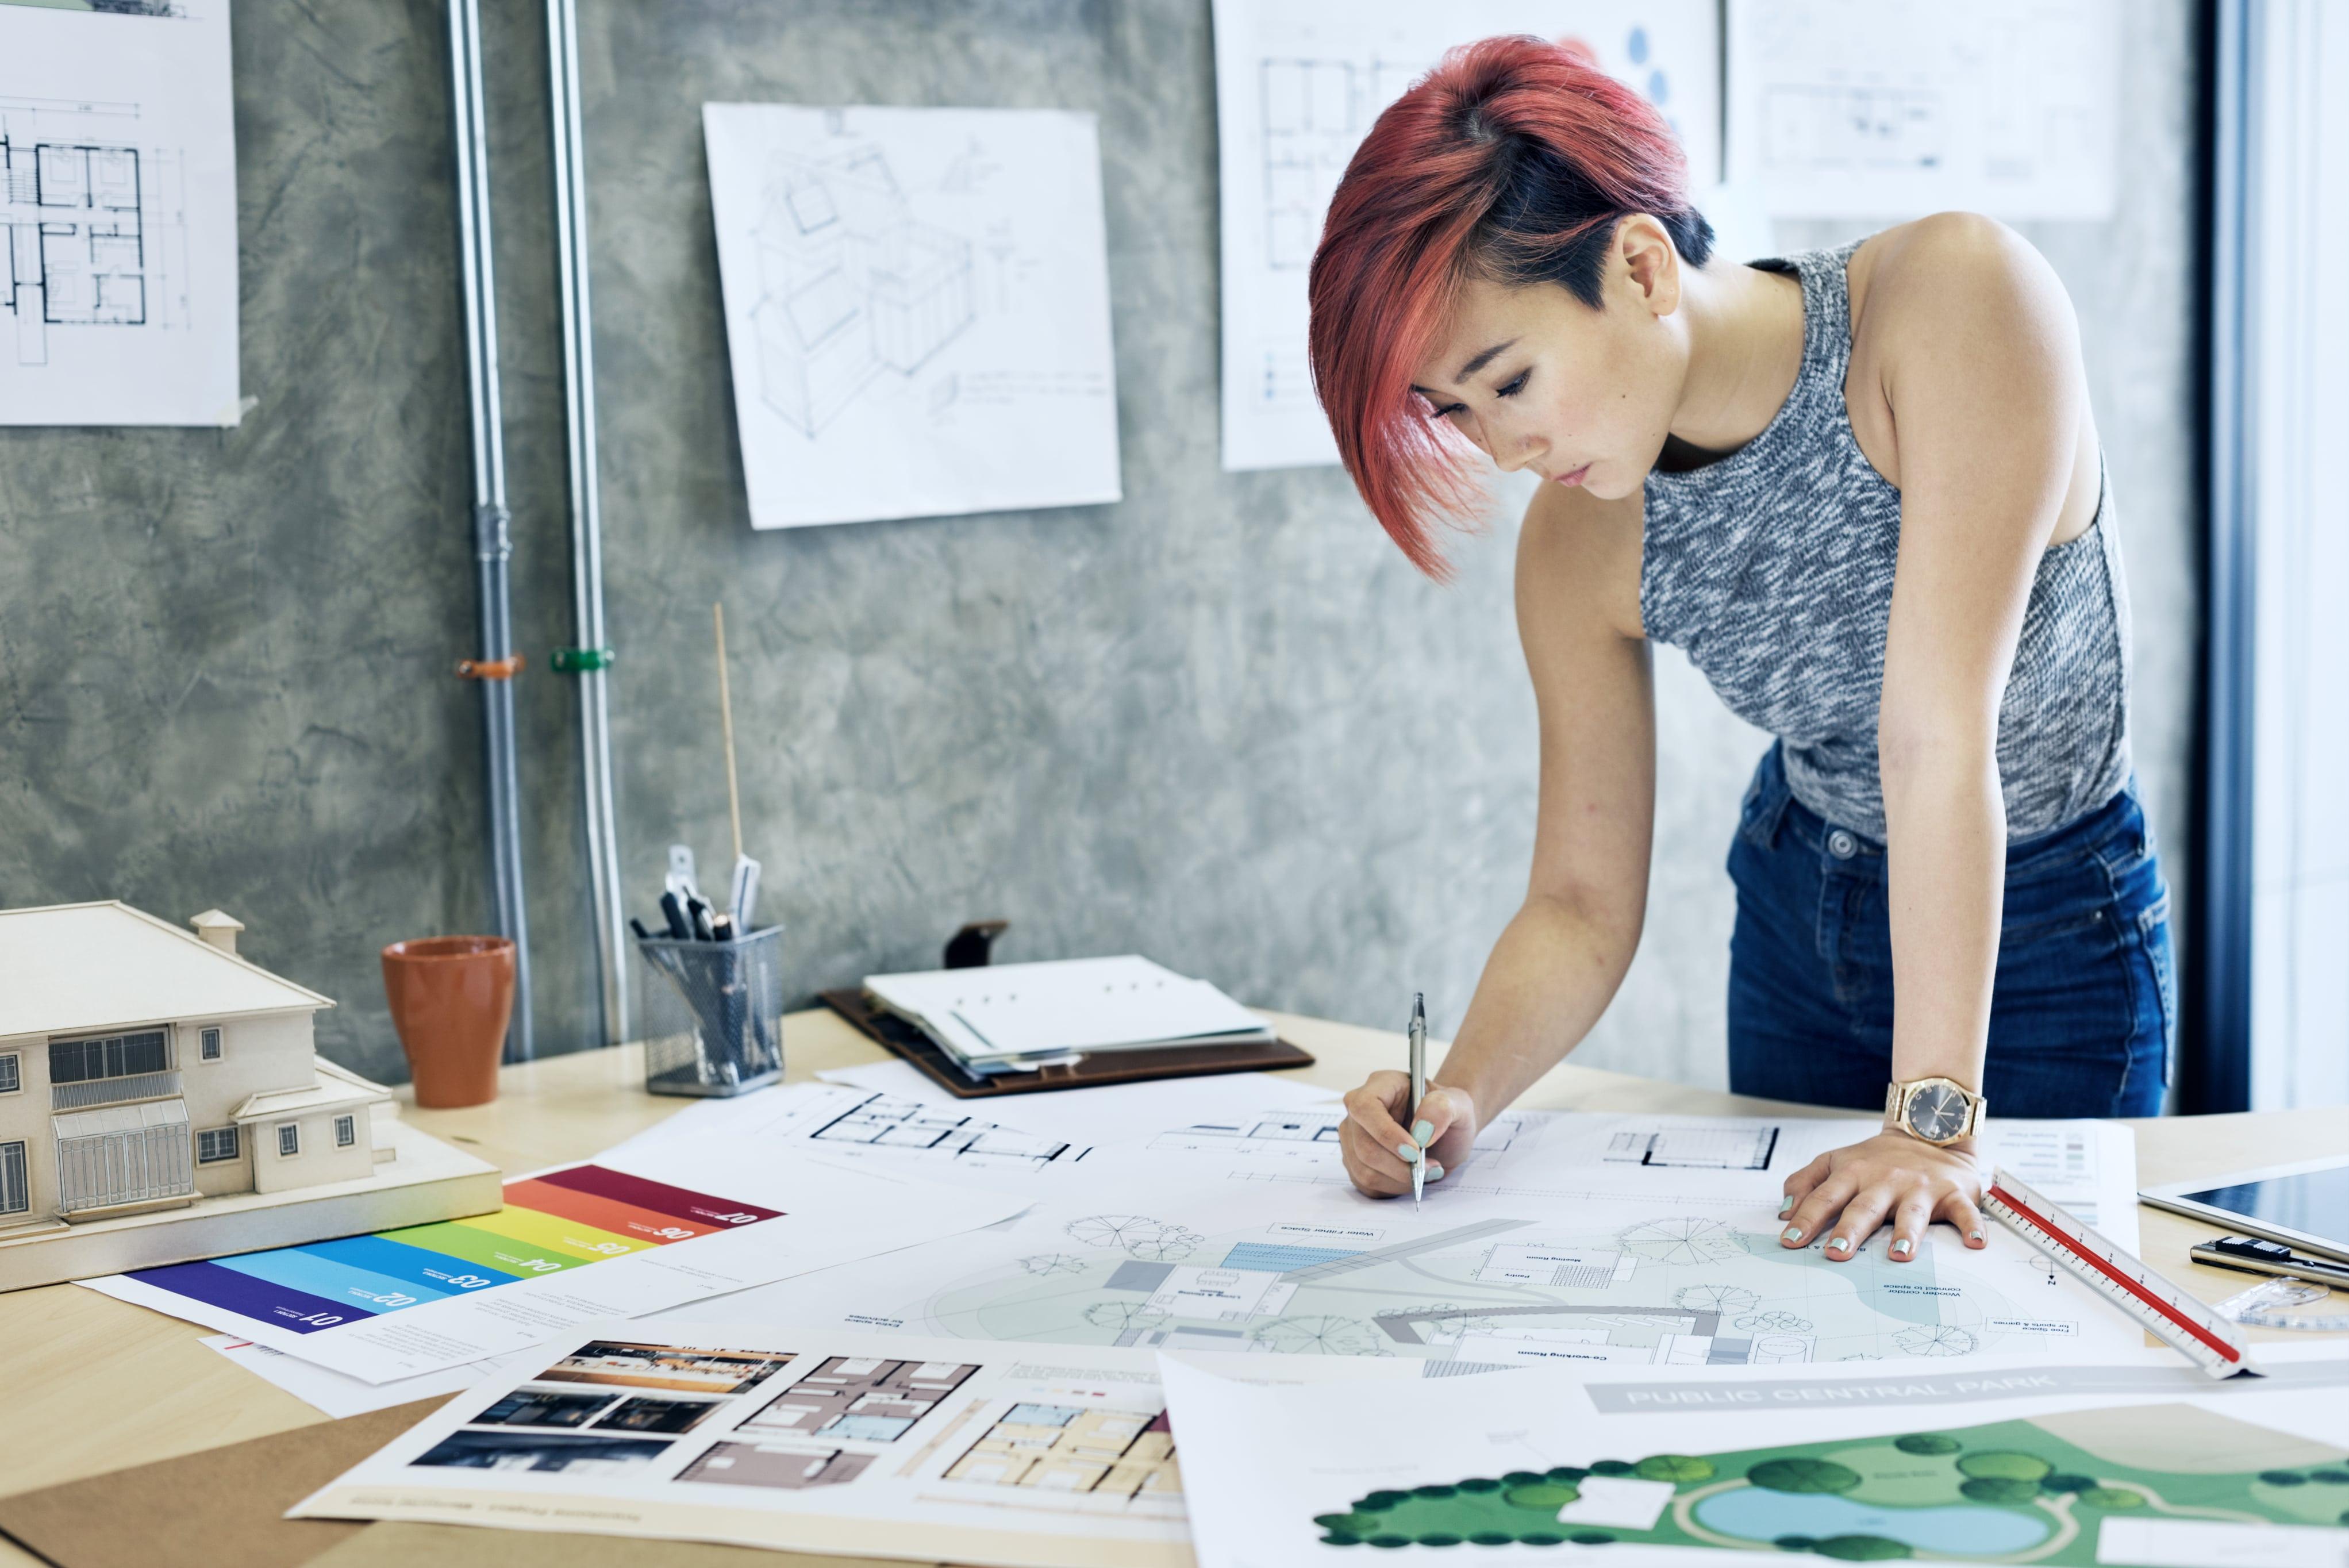 Zo bevordert u de creativiteit op kantoor